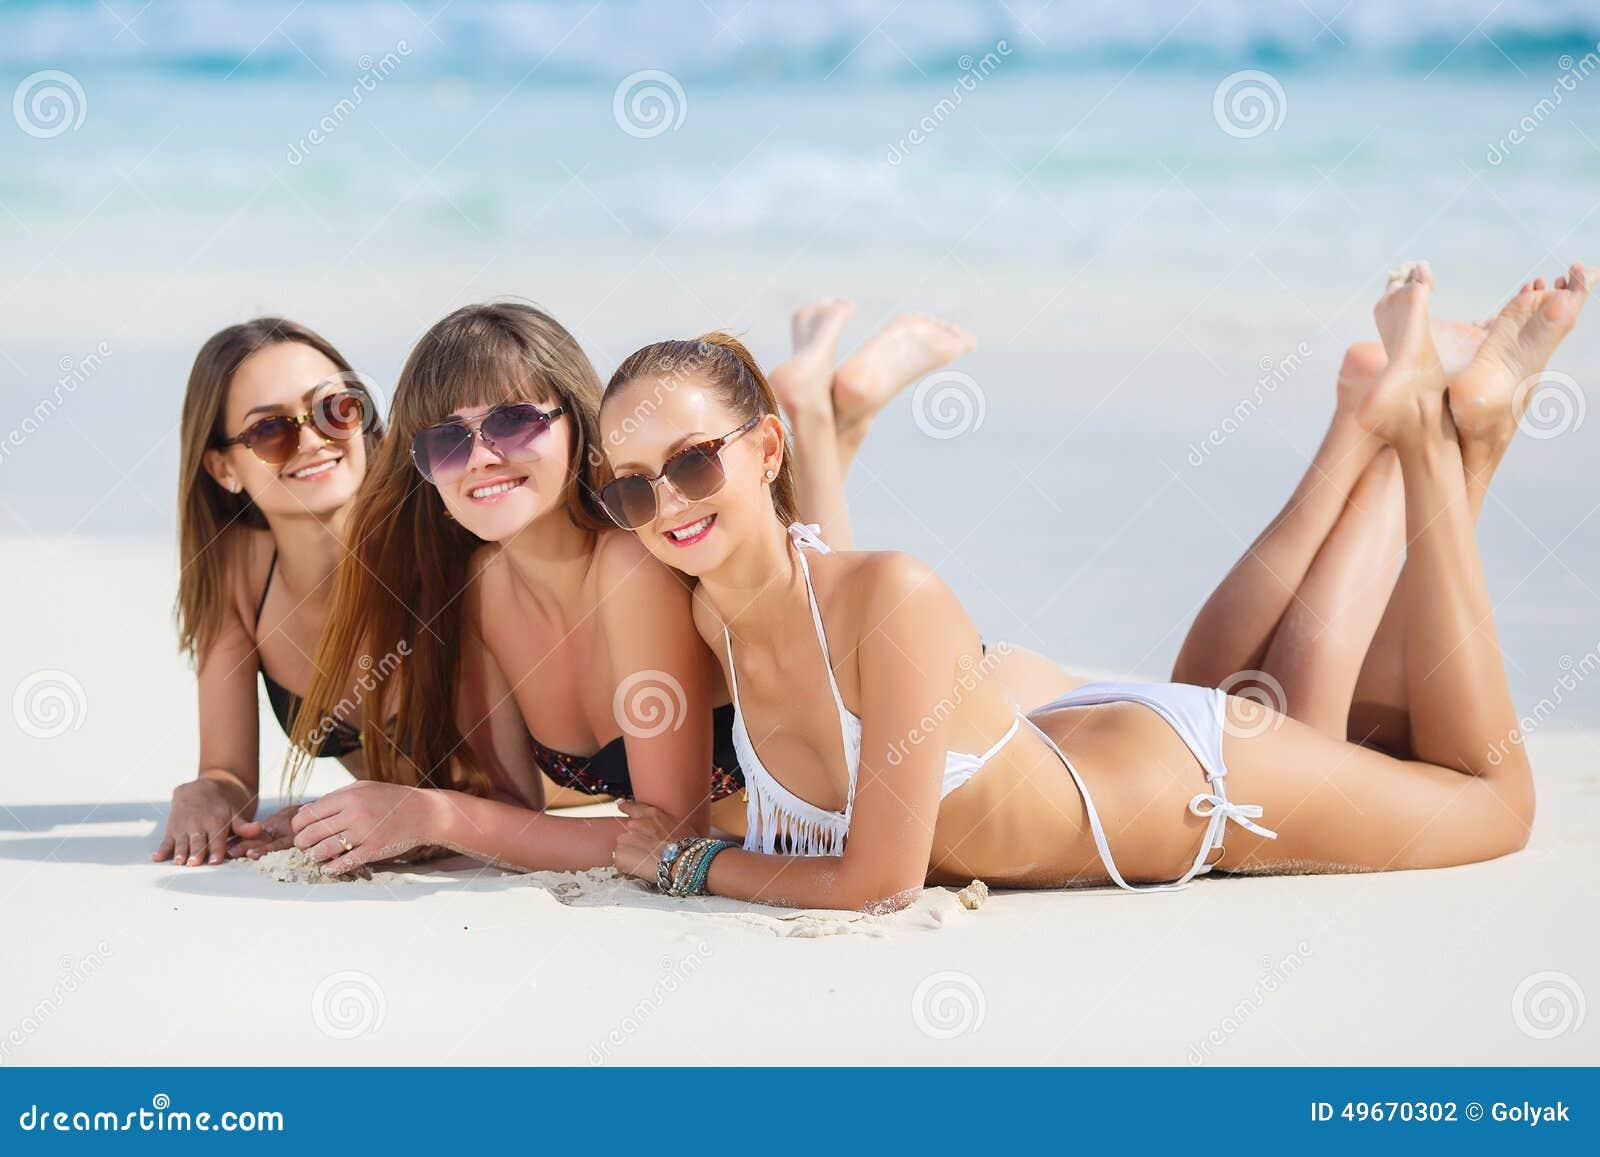 Девушки в бикини загорают фото 225-582